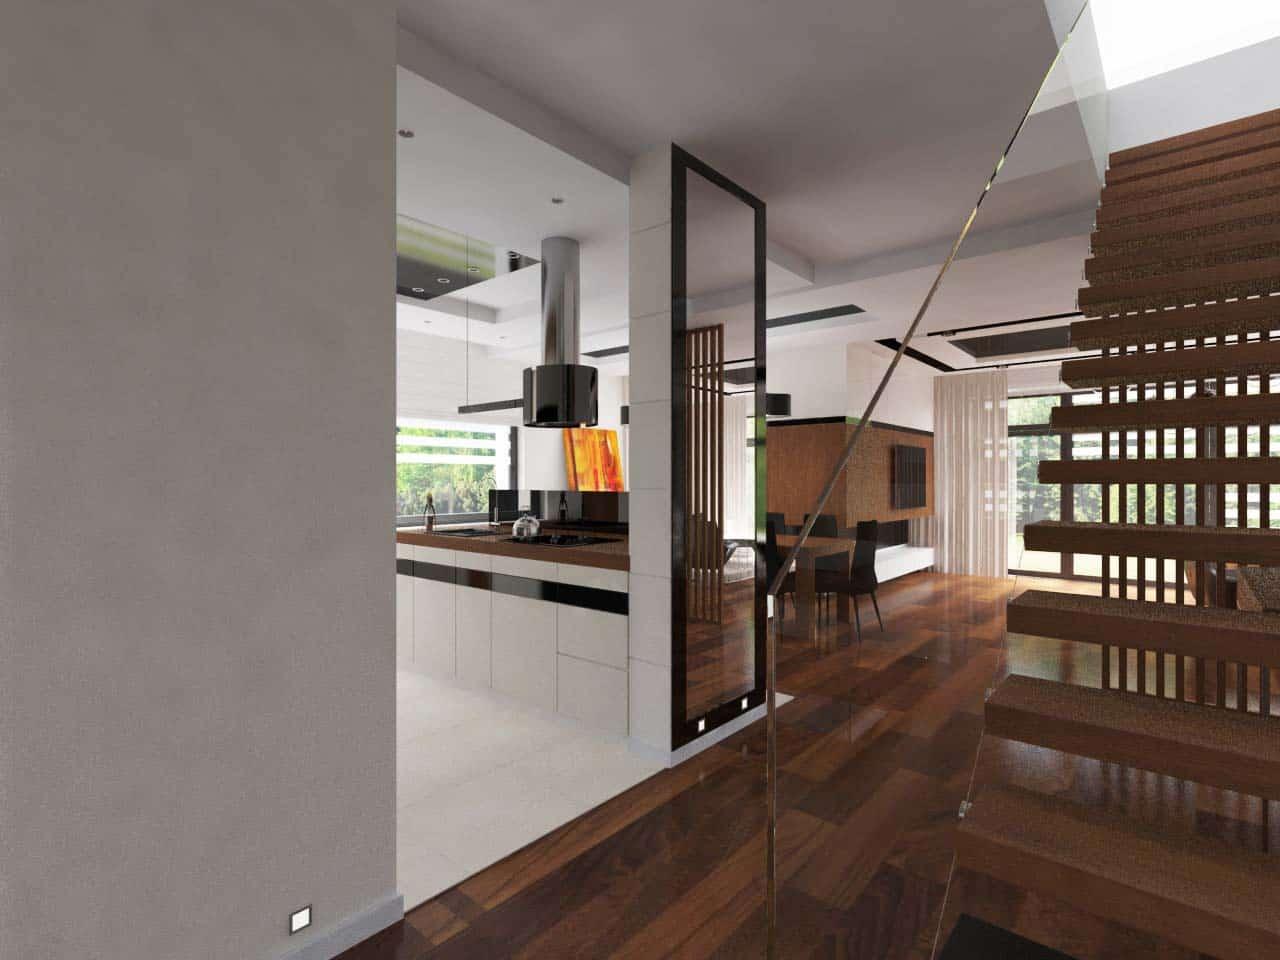 Projekt wn trza domu w solcu kuajwskim k bydgoszczy for Projekty kuchni z salonem